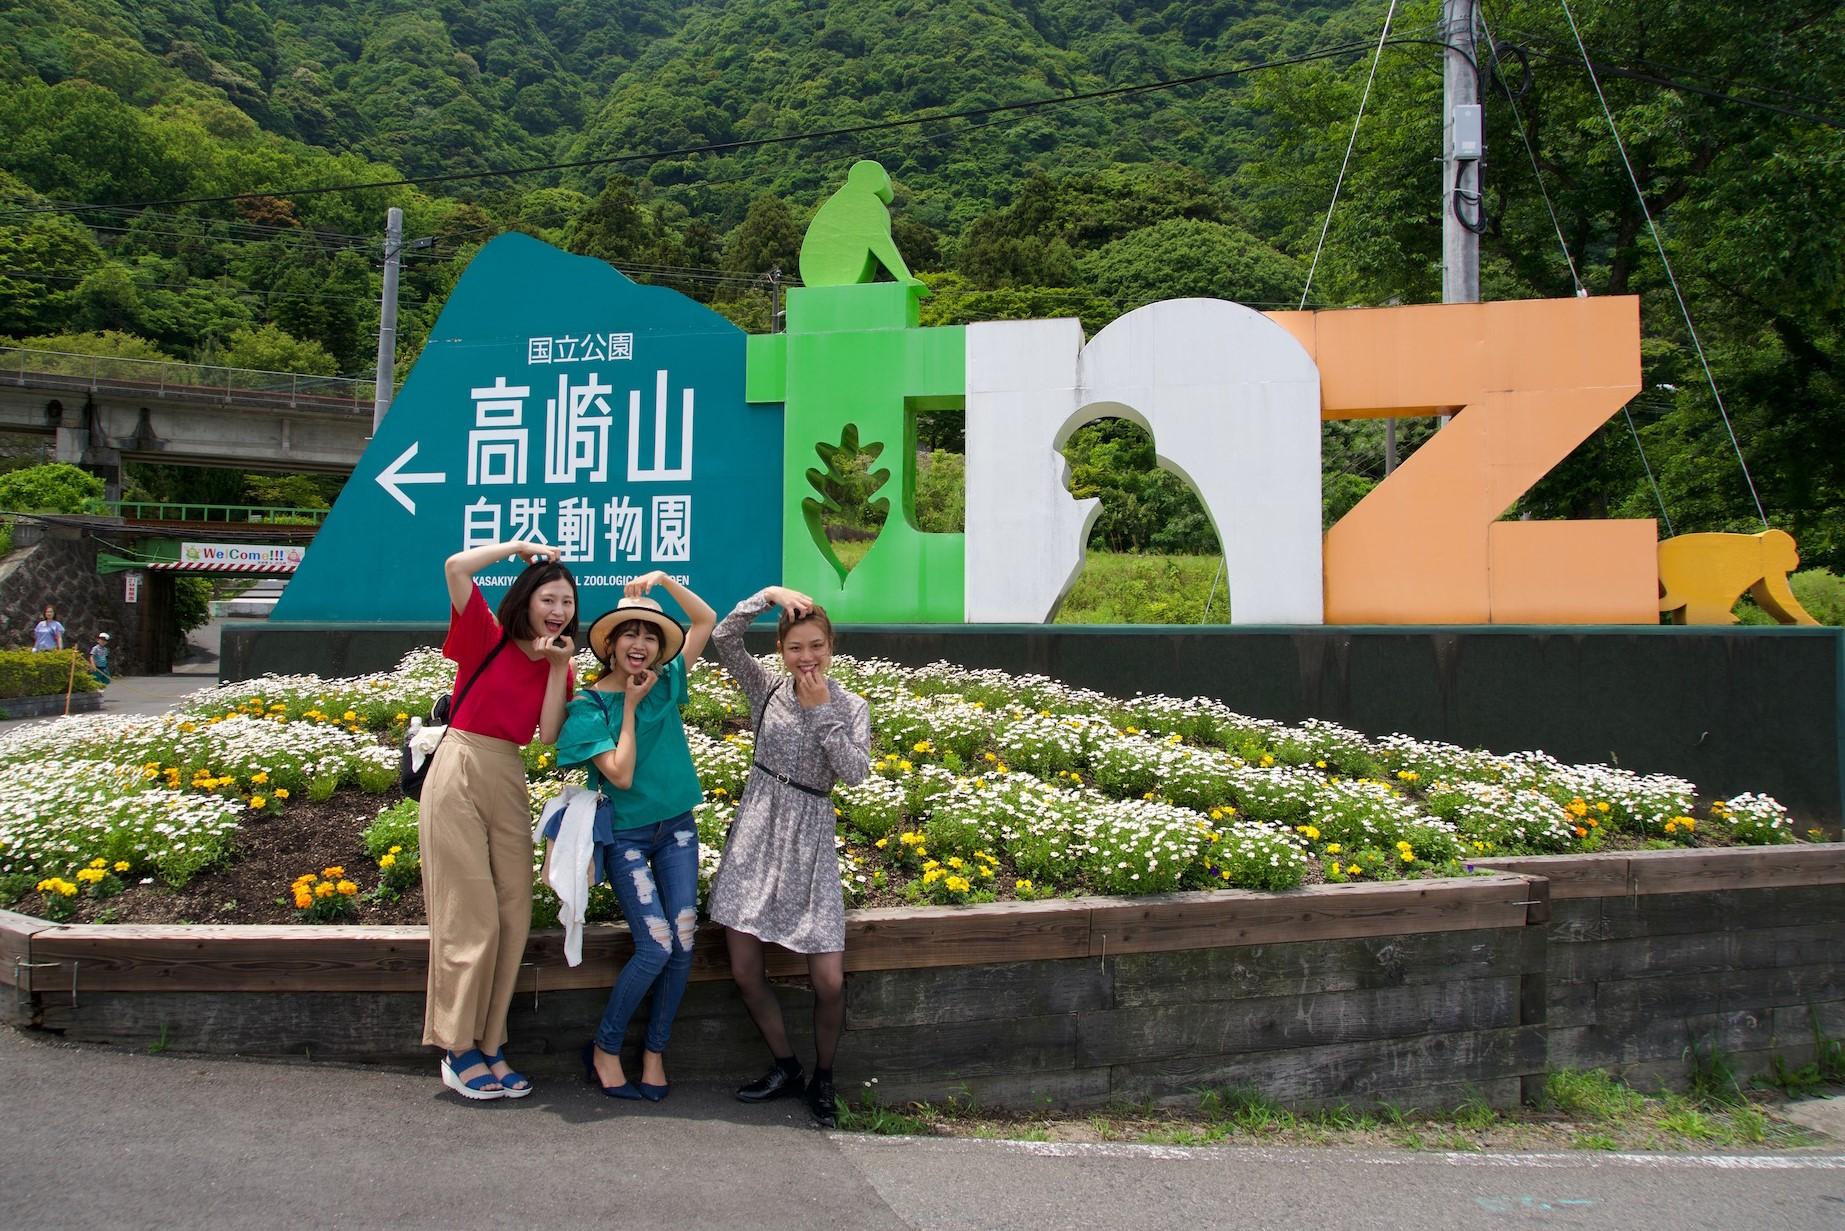 高崎山 大分市 大分県 観光 名所 人気 おすすめ 九州 旅行